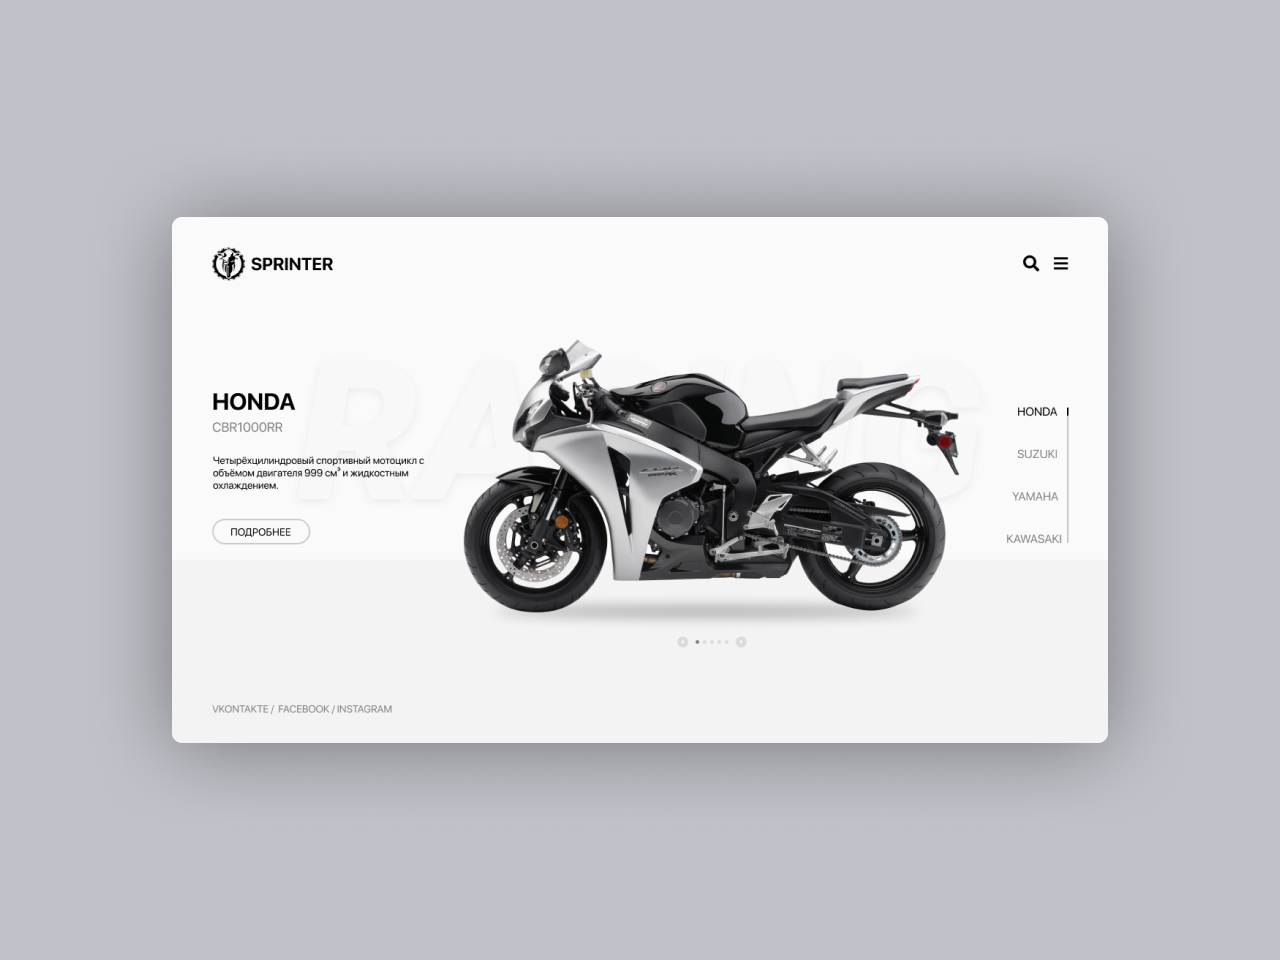 Sprinter motorcycle bike moto shop design banner web interface ux ui